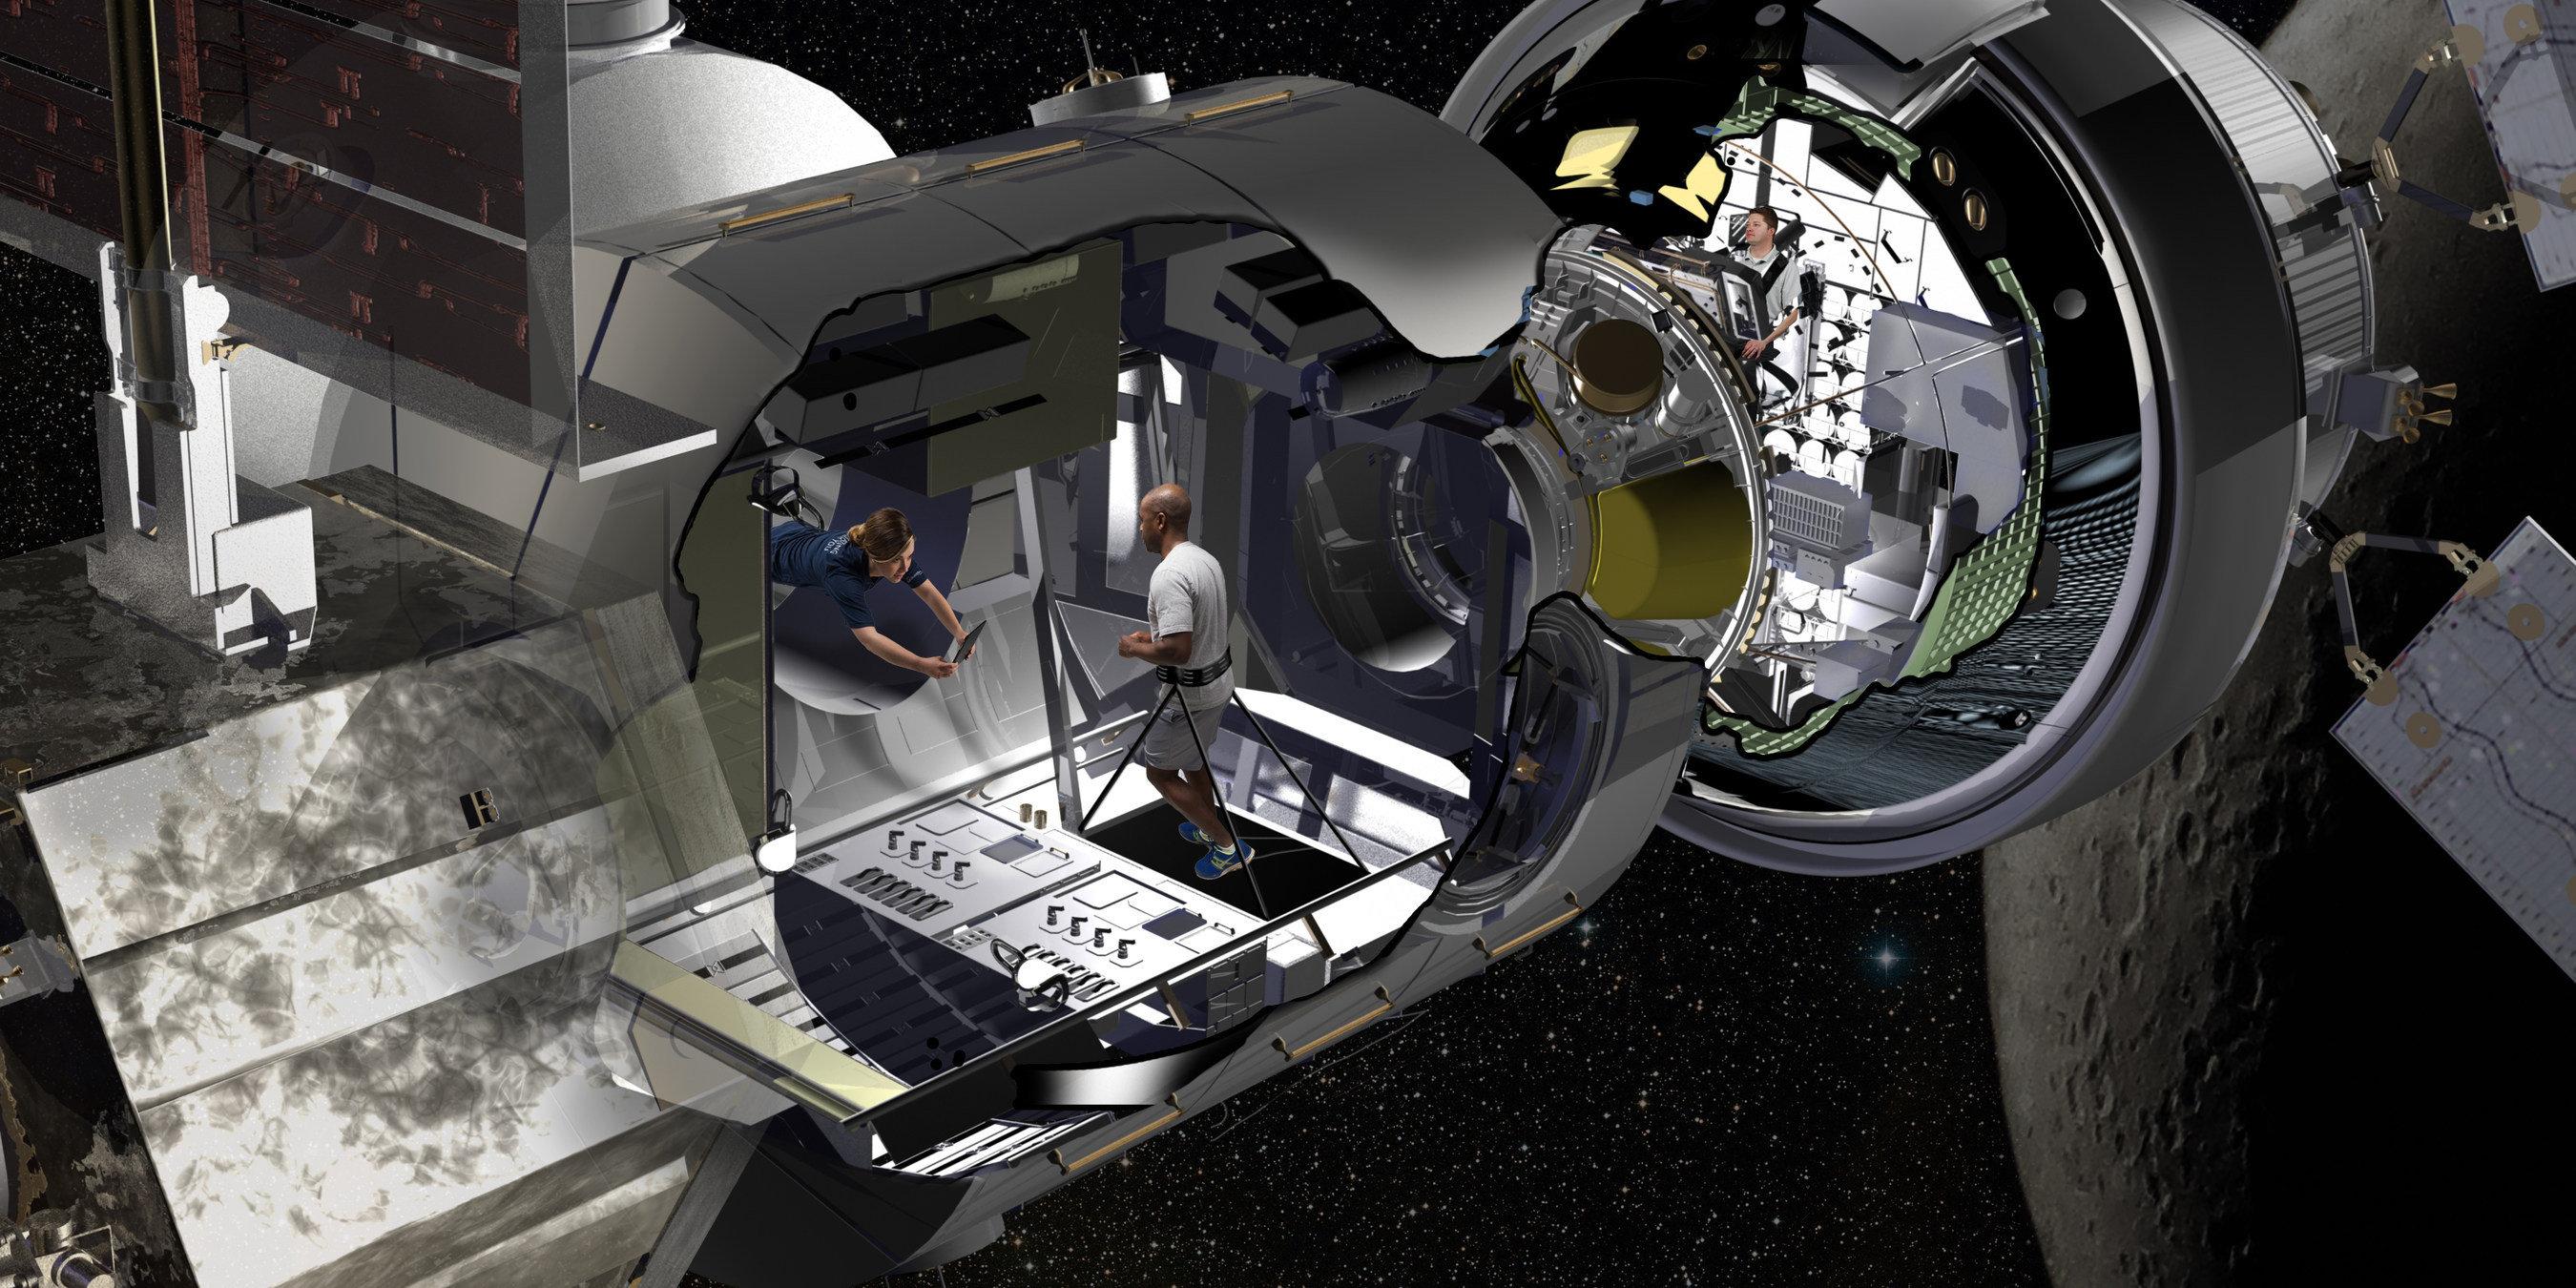 nasa orbital program - HD1522×898